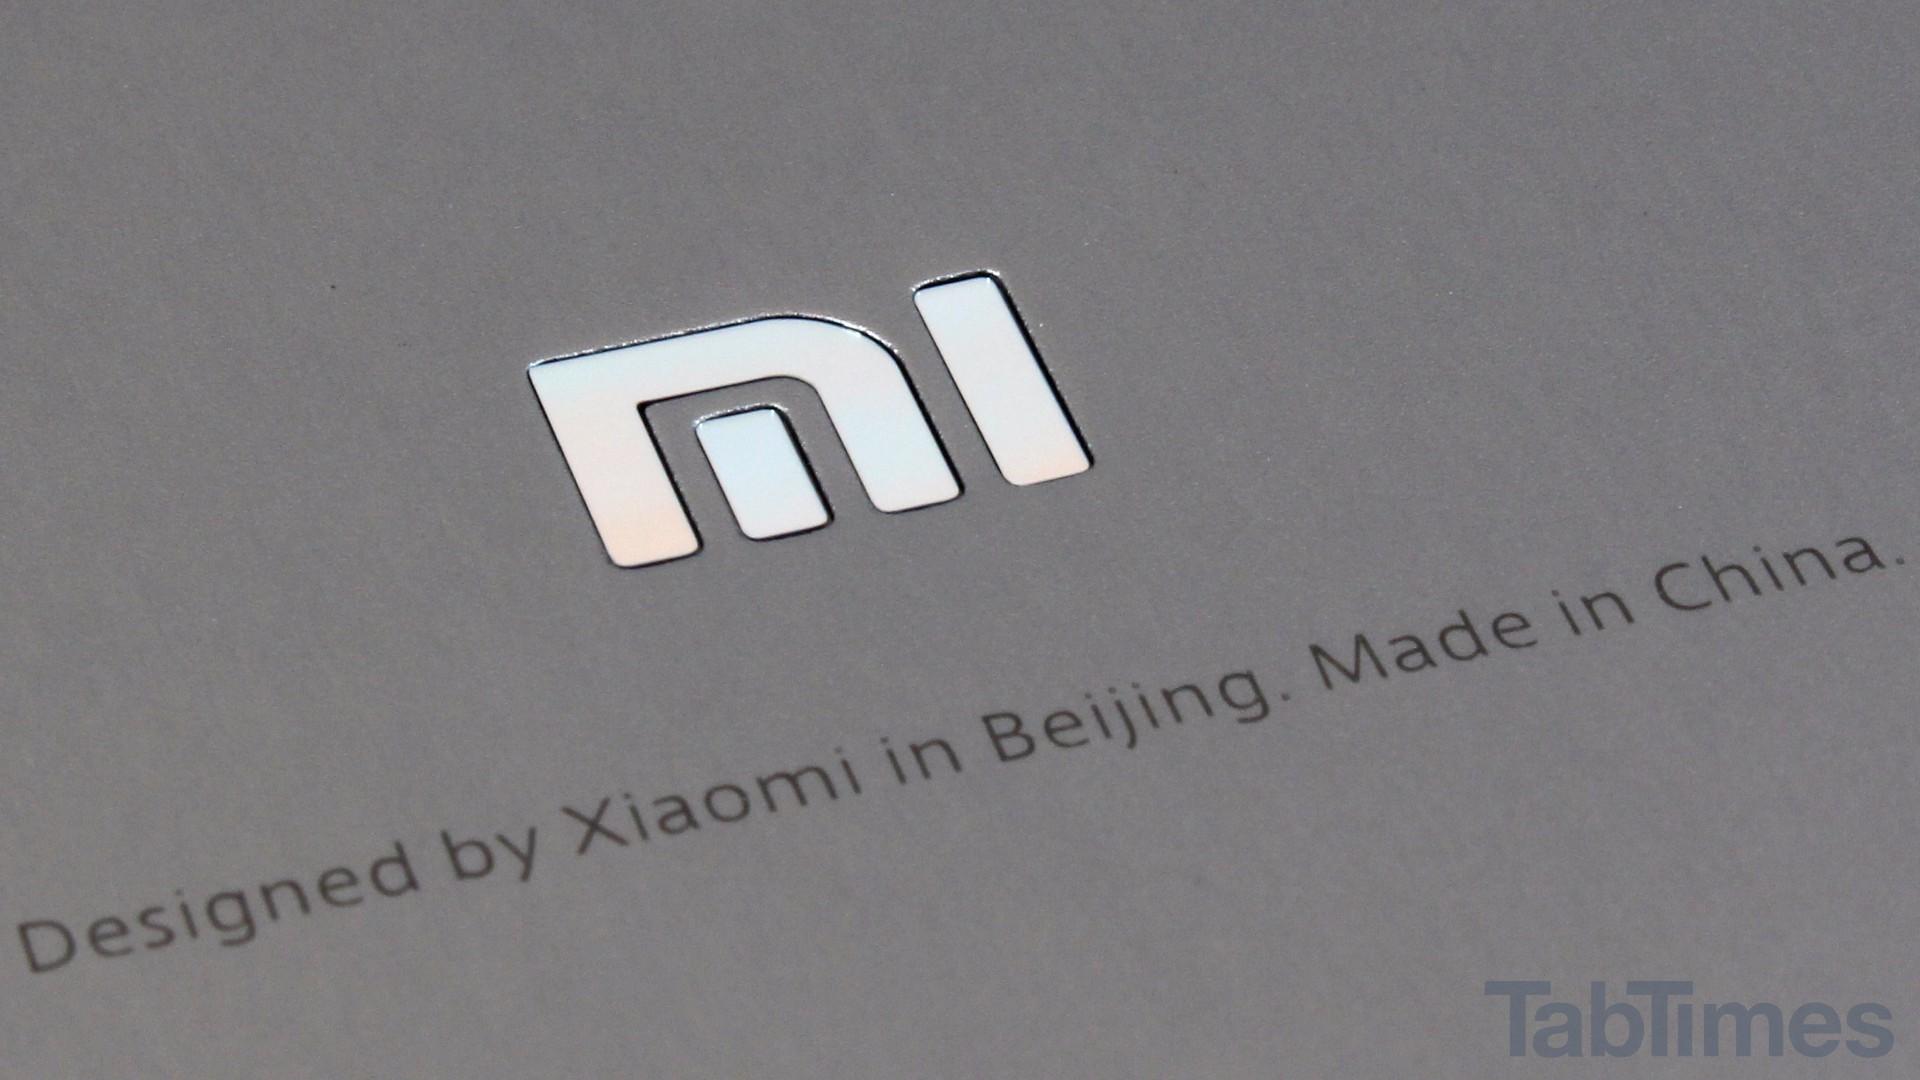 Xiaomi MiPad 2 xiaomi logo tt